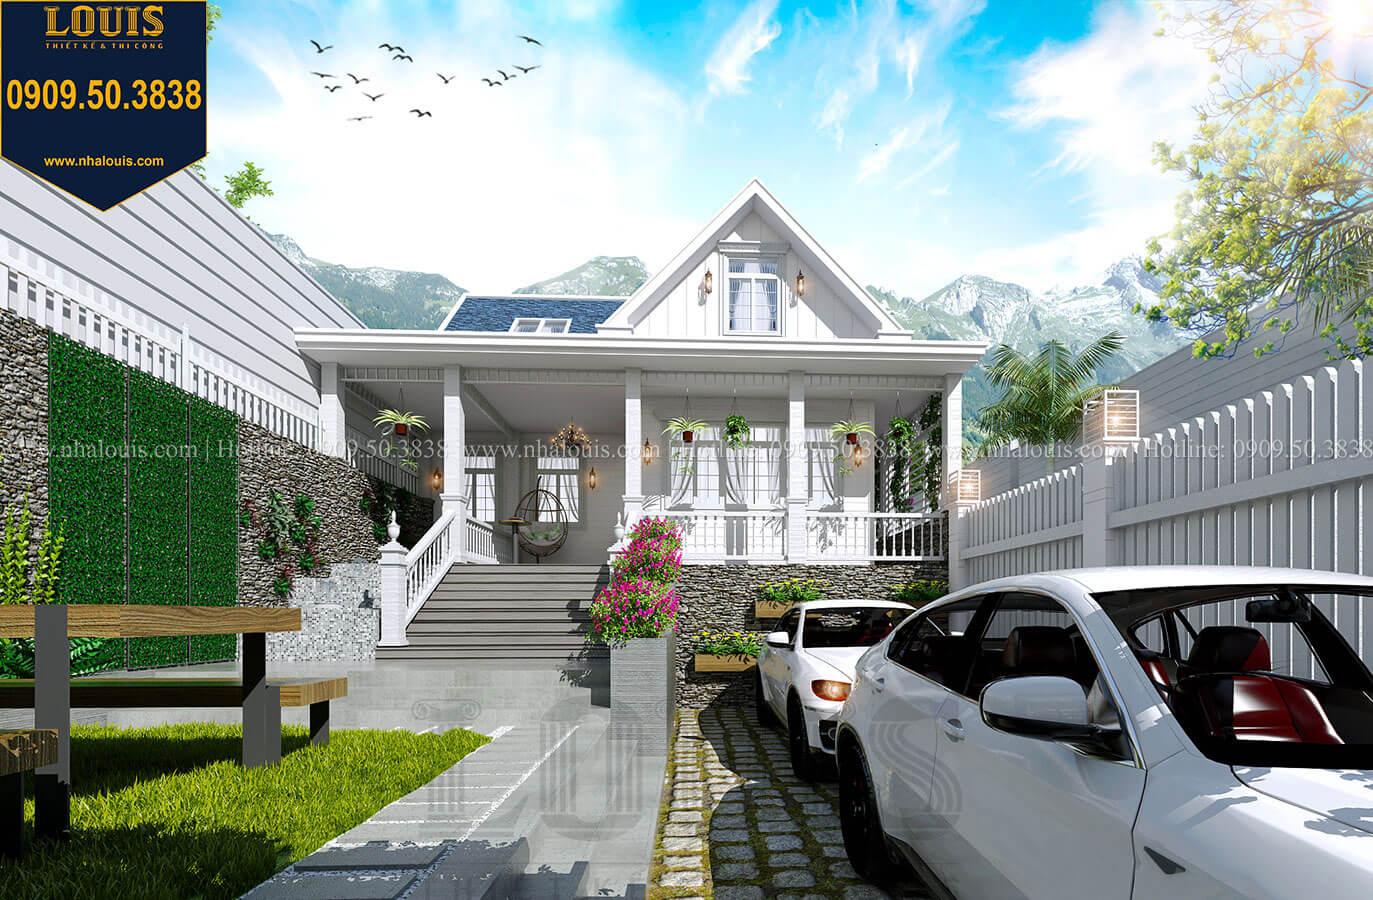 8 mẹo thiết kế nhà biệt thự sân vườn đẹp đúng phong thủy